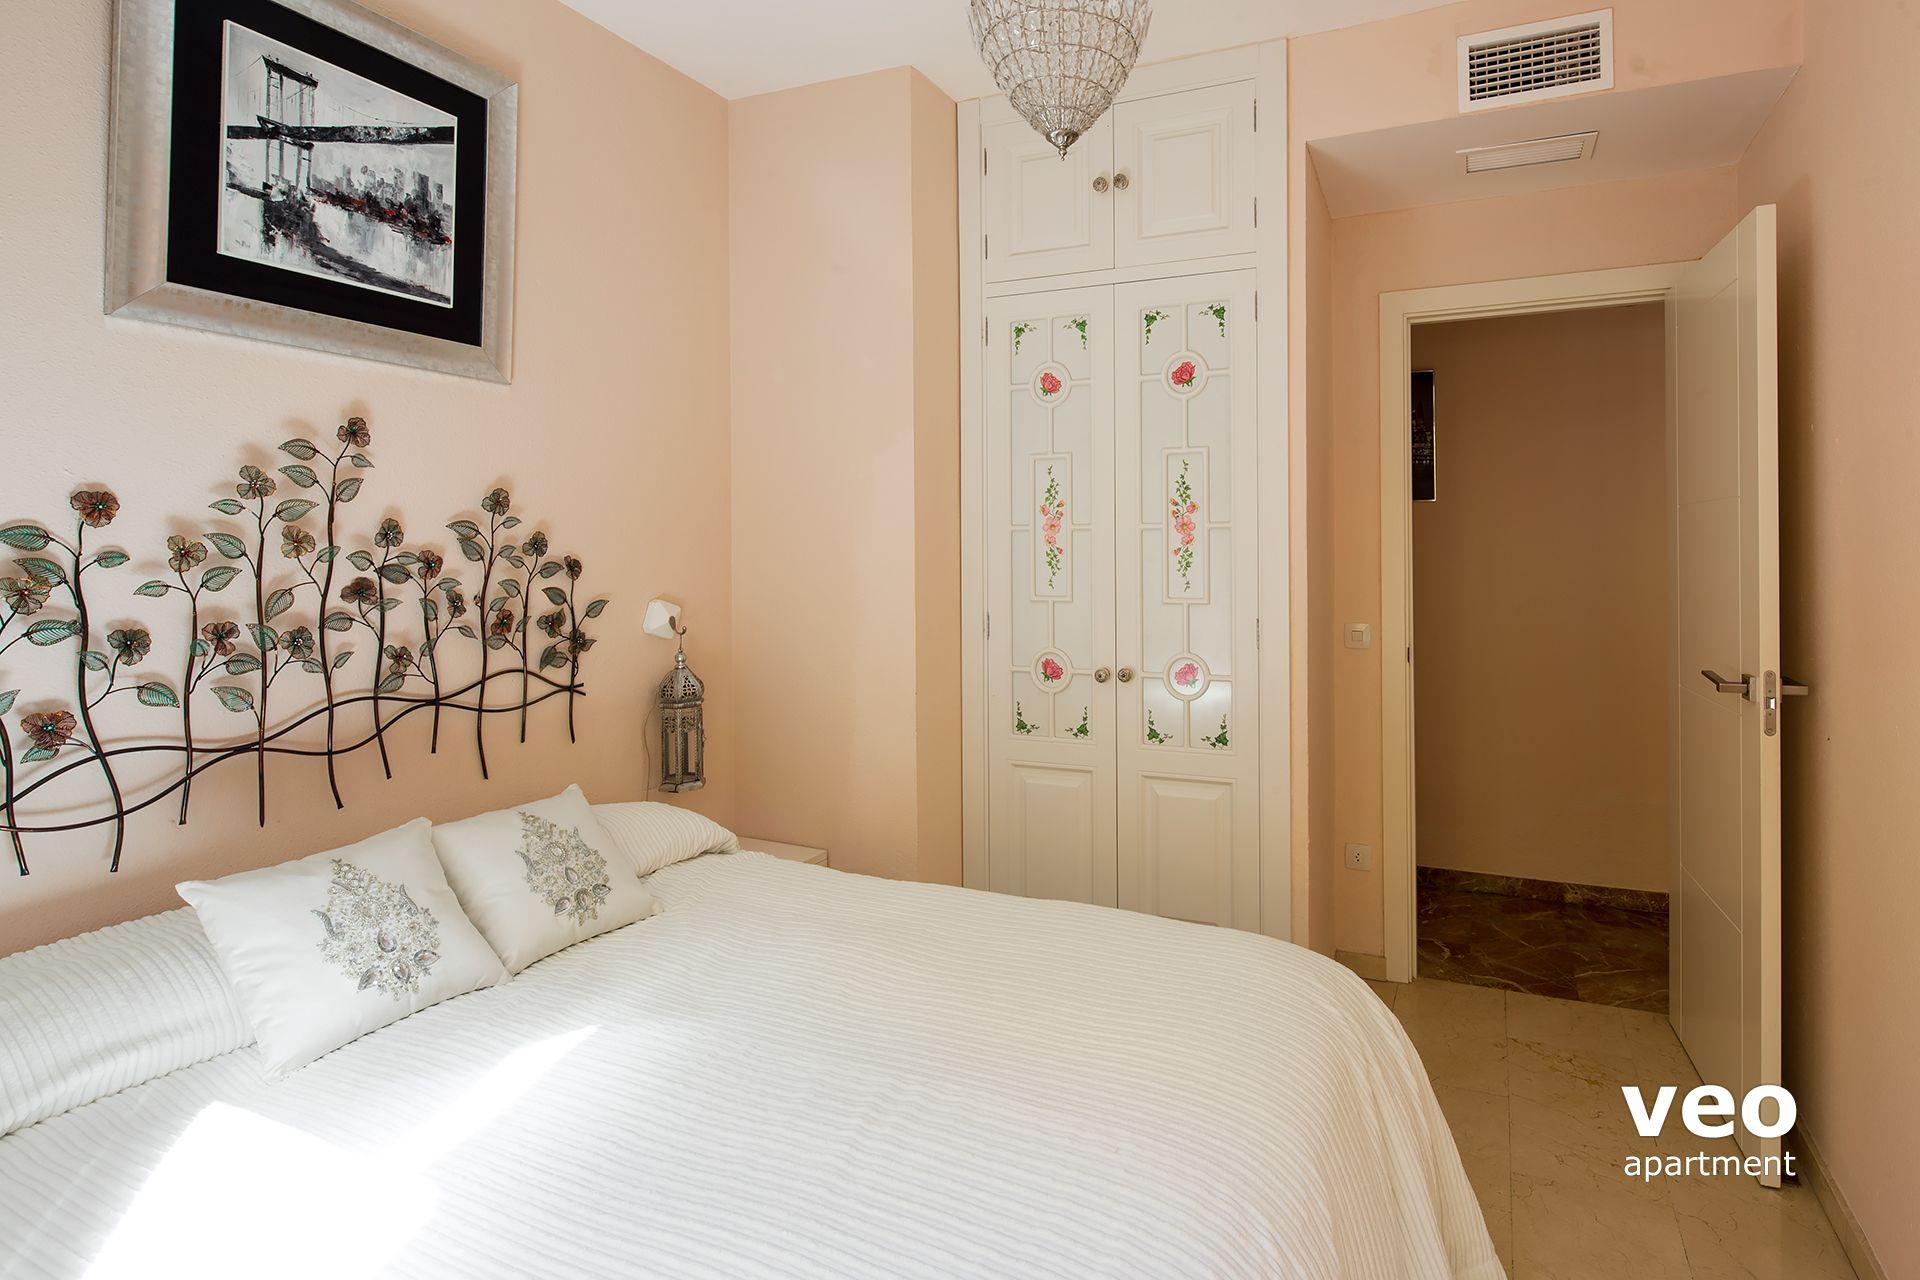 Ferienwohnung Wien 2 Schlafzimmer Komplett Schlafzimmer 140x200